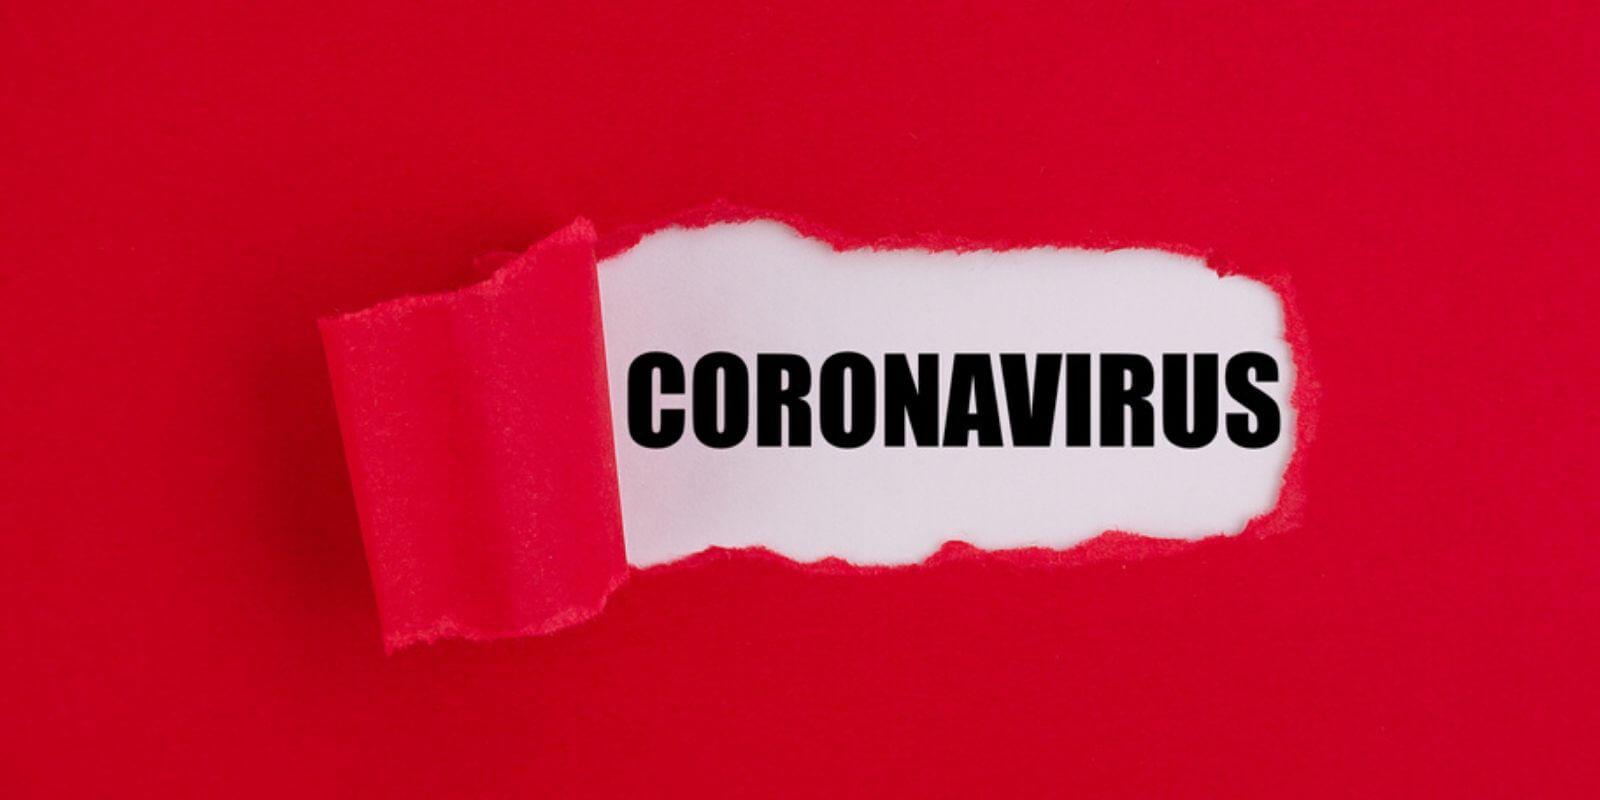 Coronavirus: l'épidémie a commencé à affecter l'industrie du mining en Chine